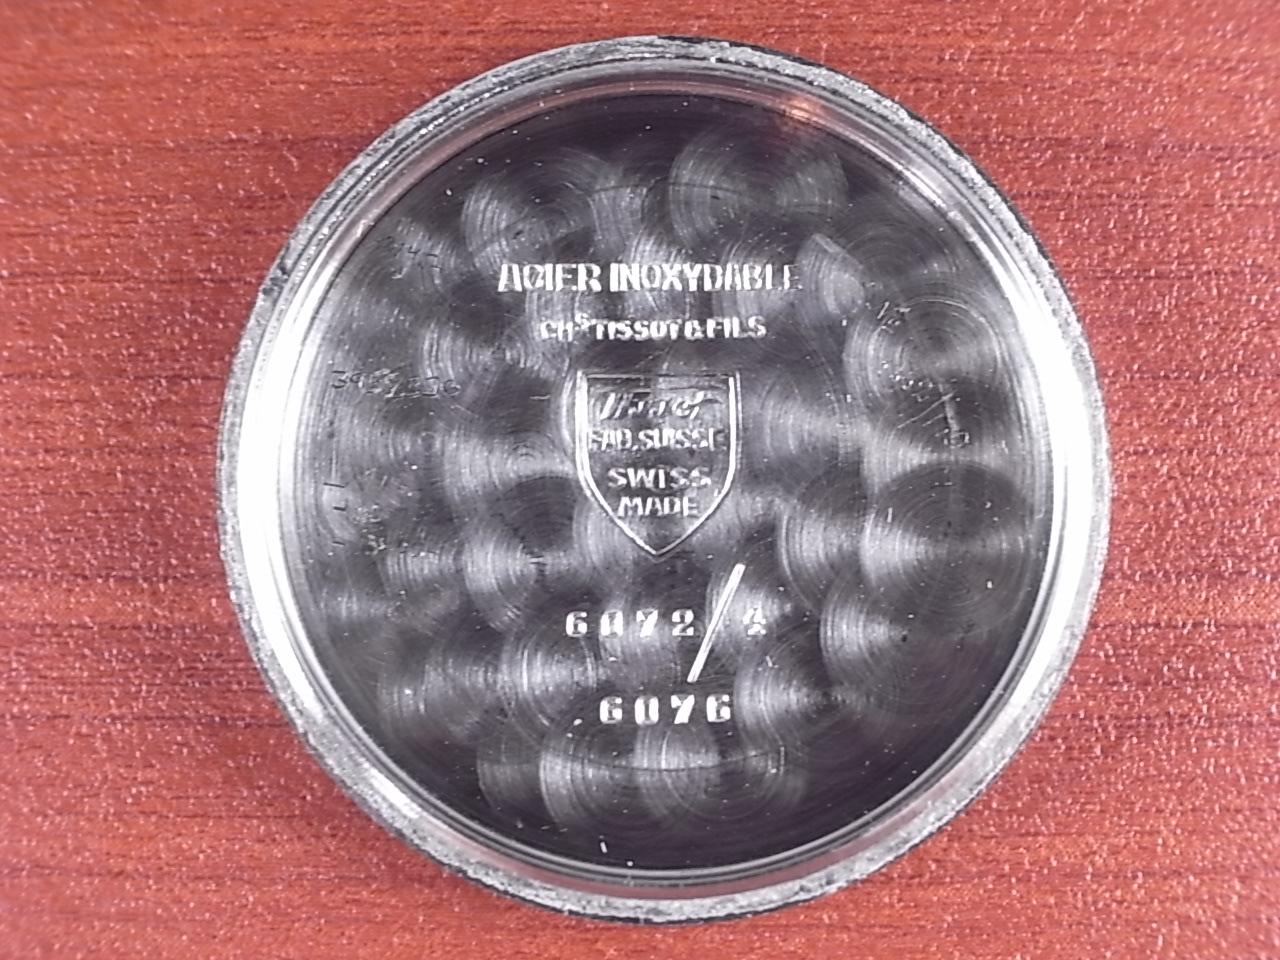 ティソ ブルズアイ ブラウン/グレー 2トーンダイアル 1940年代の写真6枚目